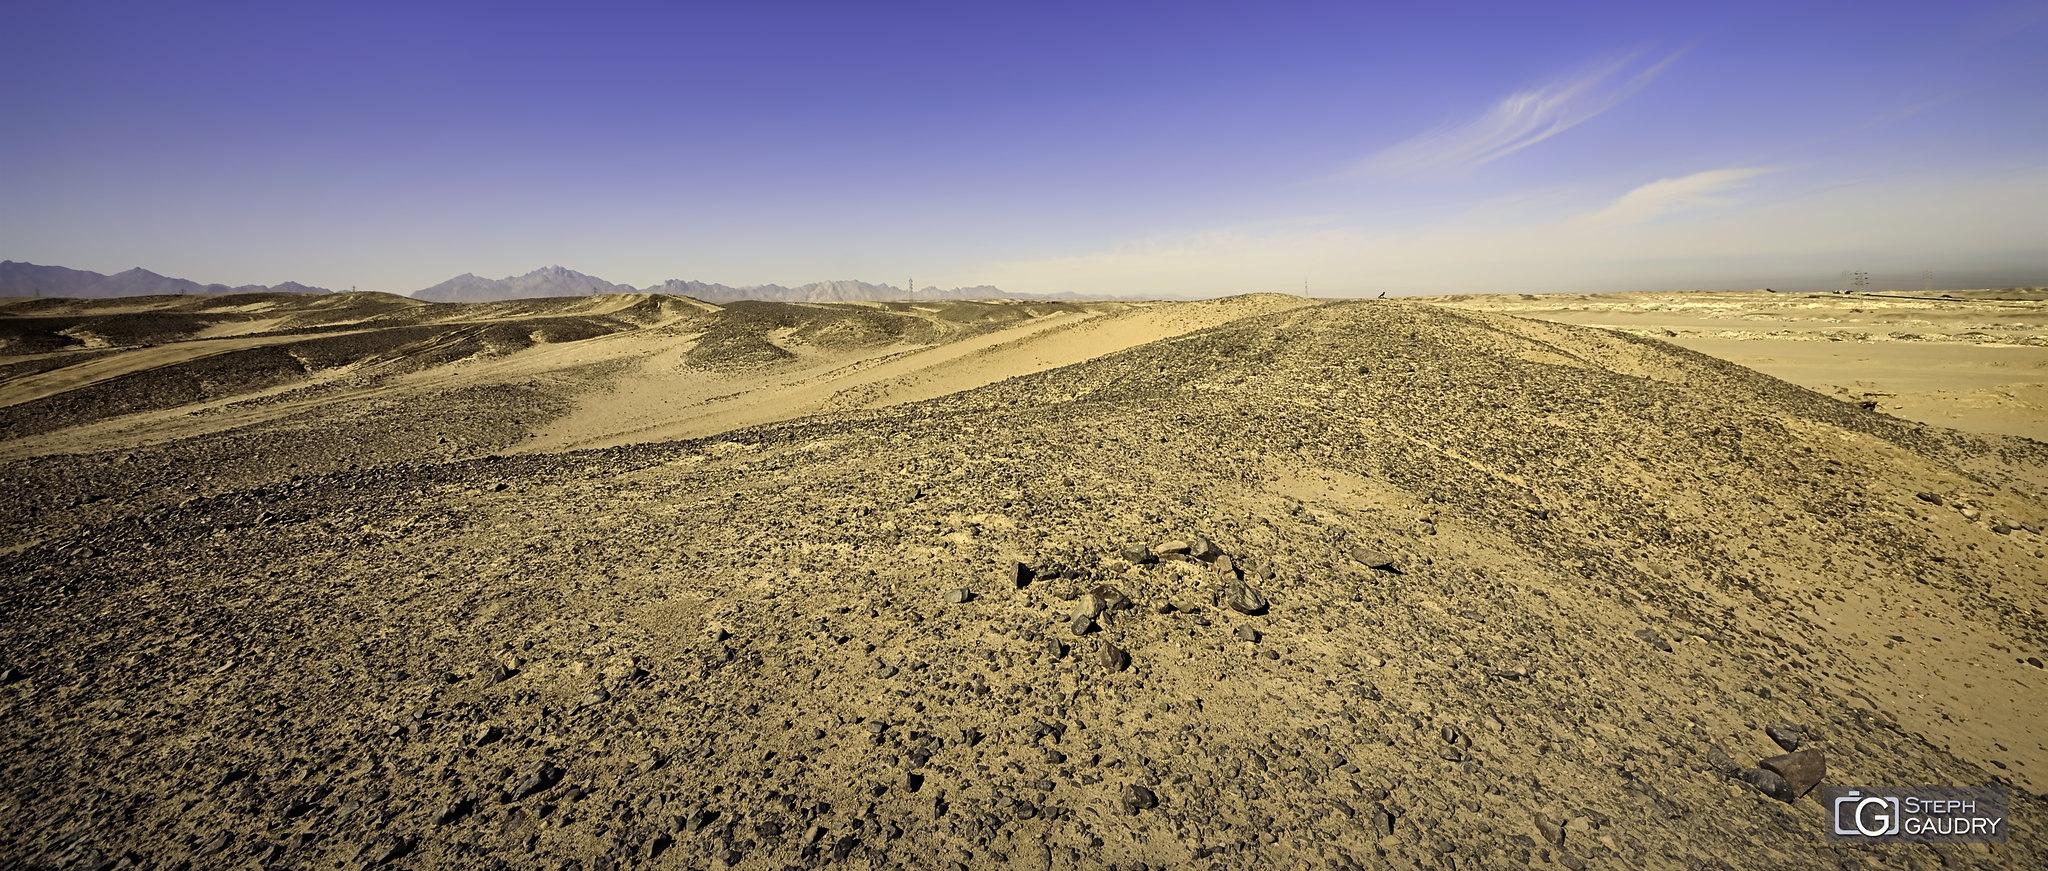 Y'a rien à voir... sauf le désert [Click to start slideshow]